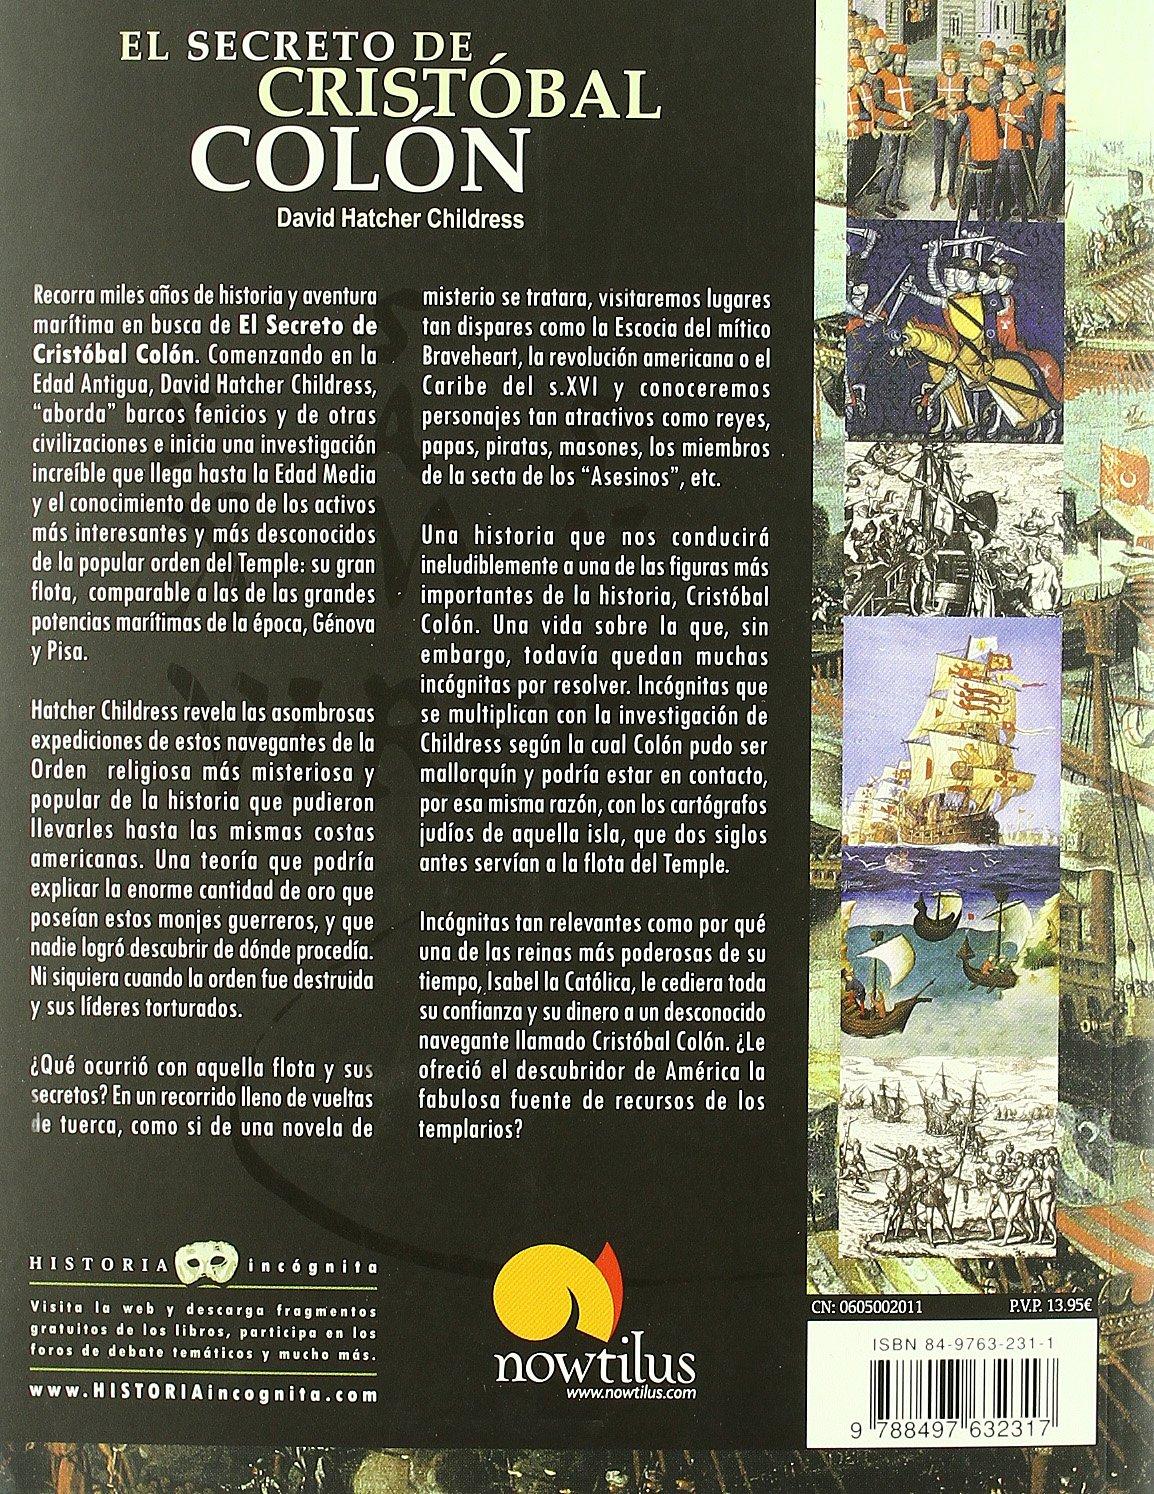 El secreto de cristobal colon la flota templaria y el descubrimiento de america historia incognita unknown history spanish edition david hatcher